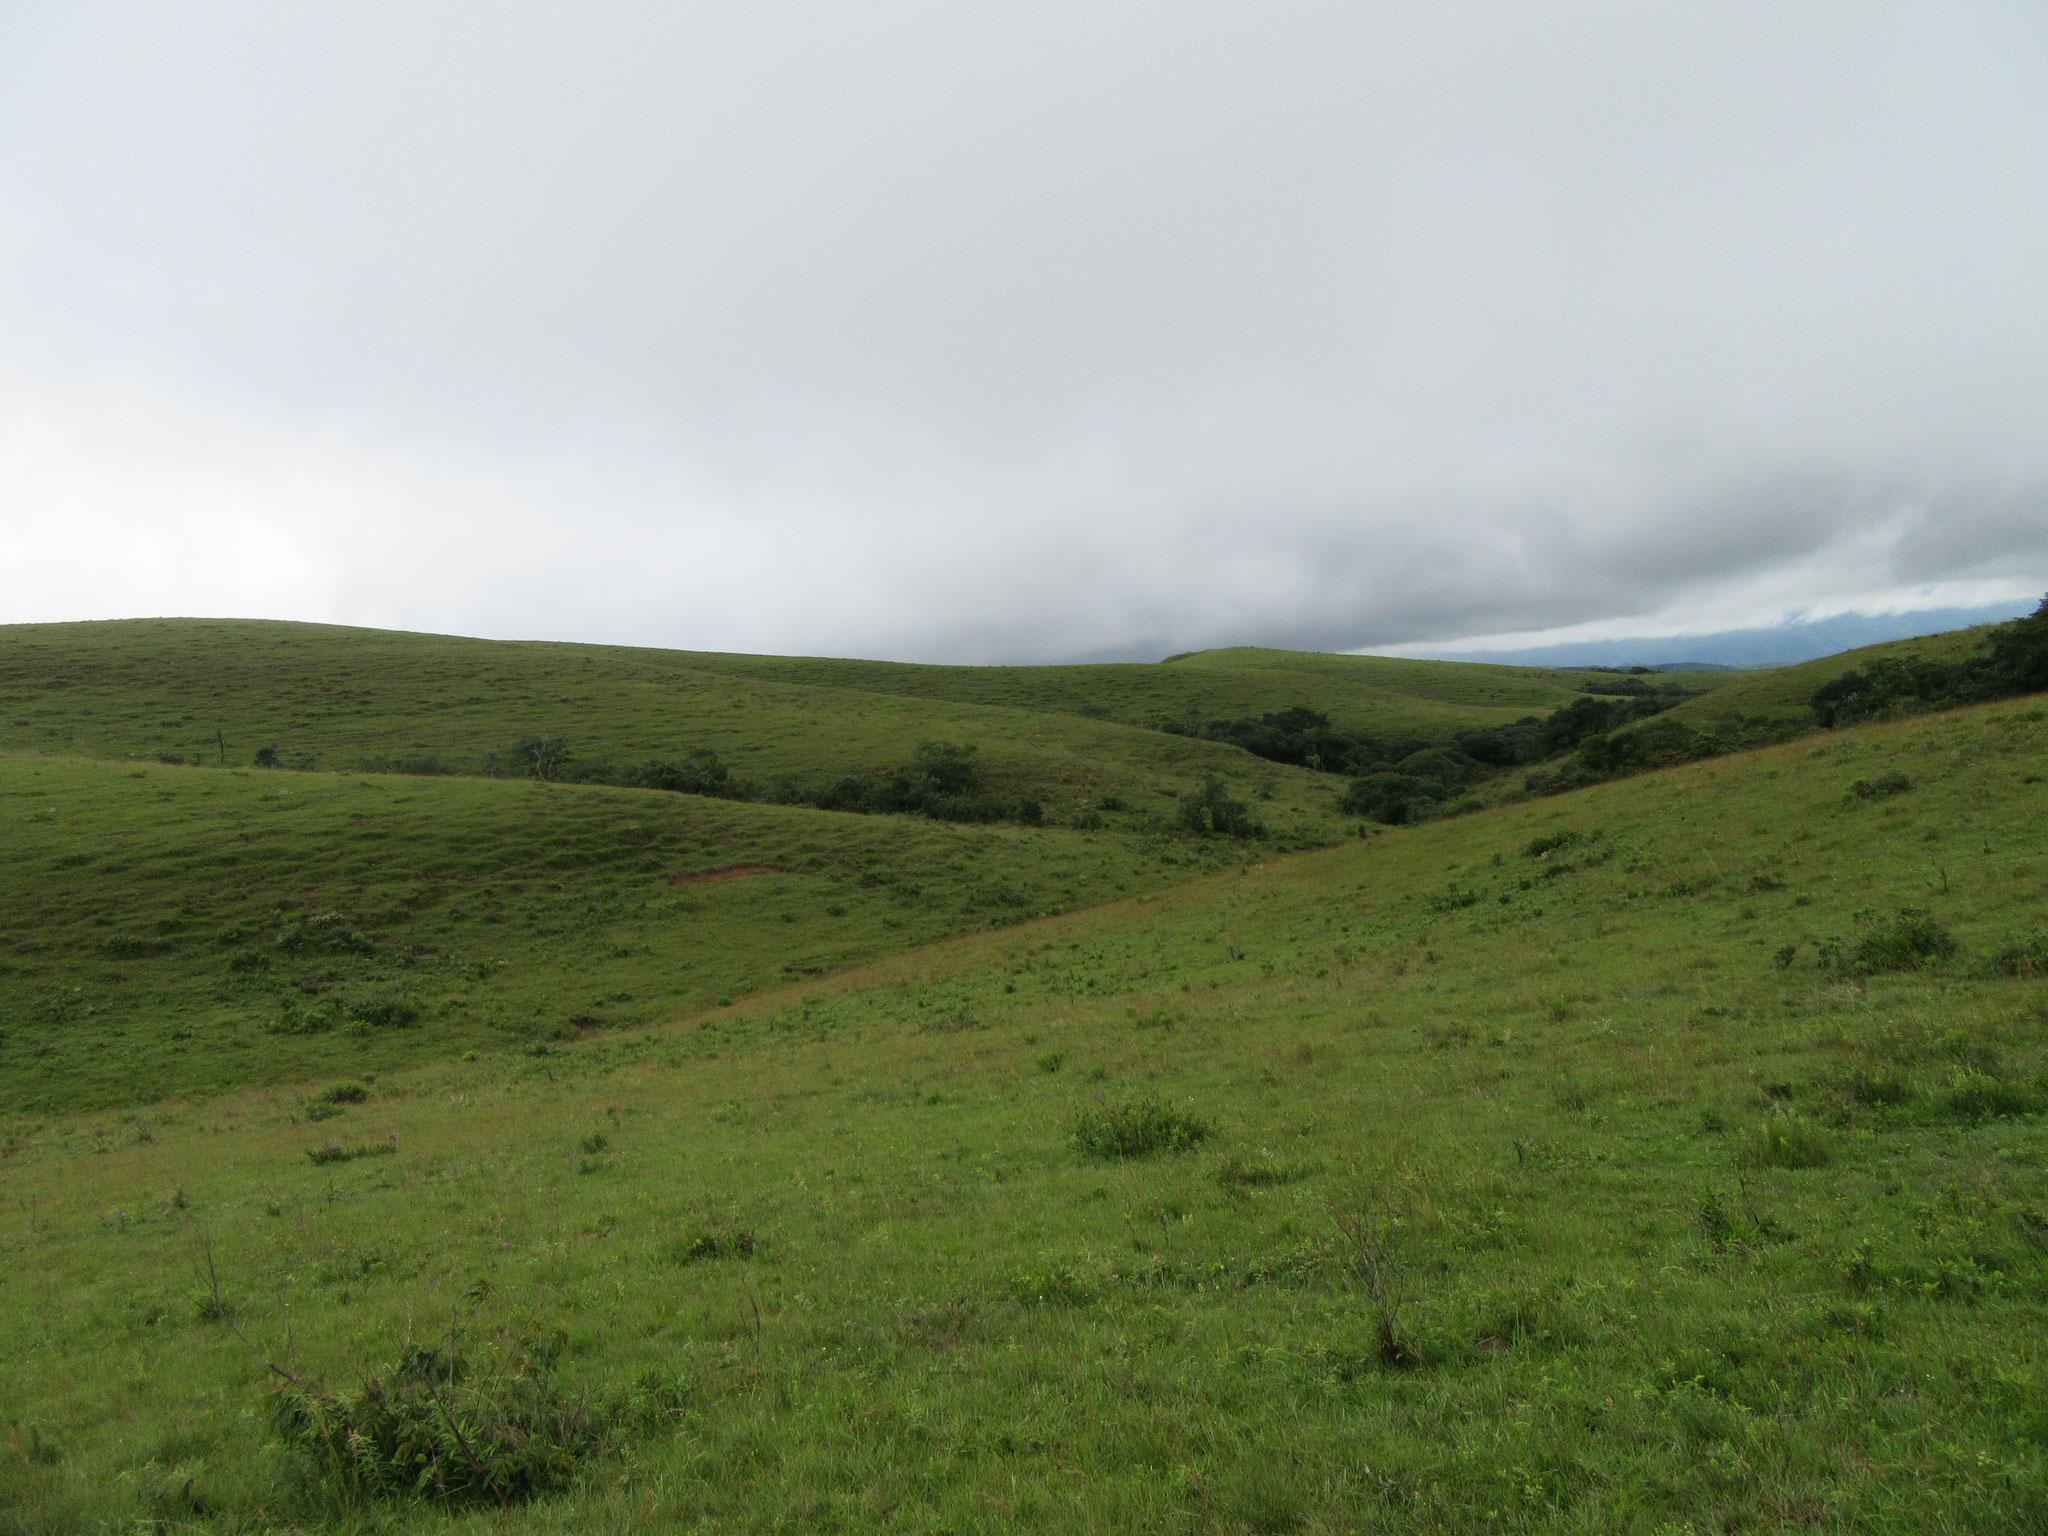 Wir besitzen große Weideflächen und ideale Landstriche für die Landwirtschaft